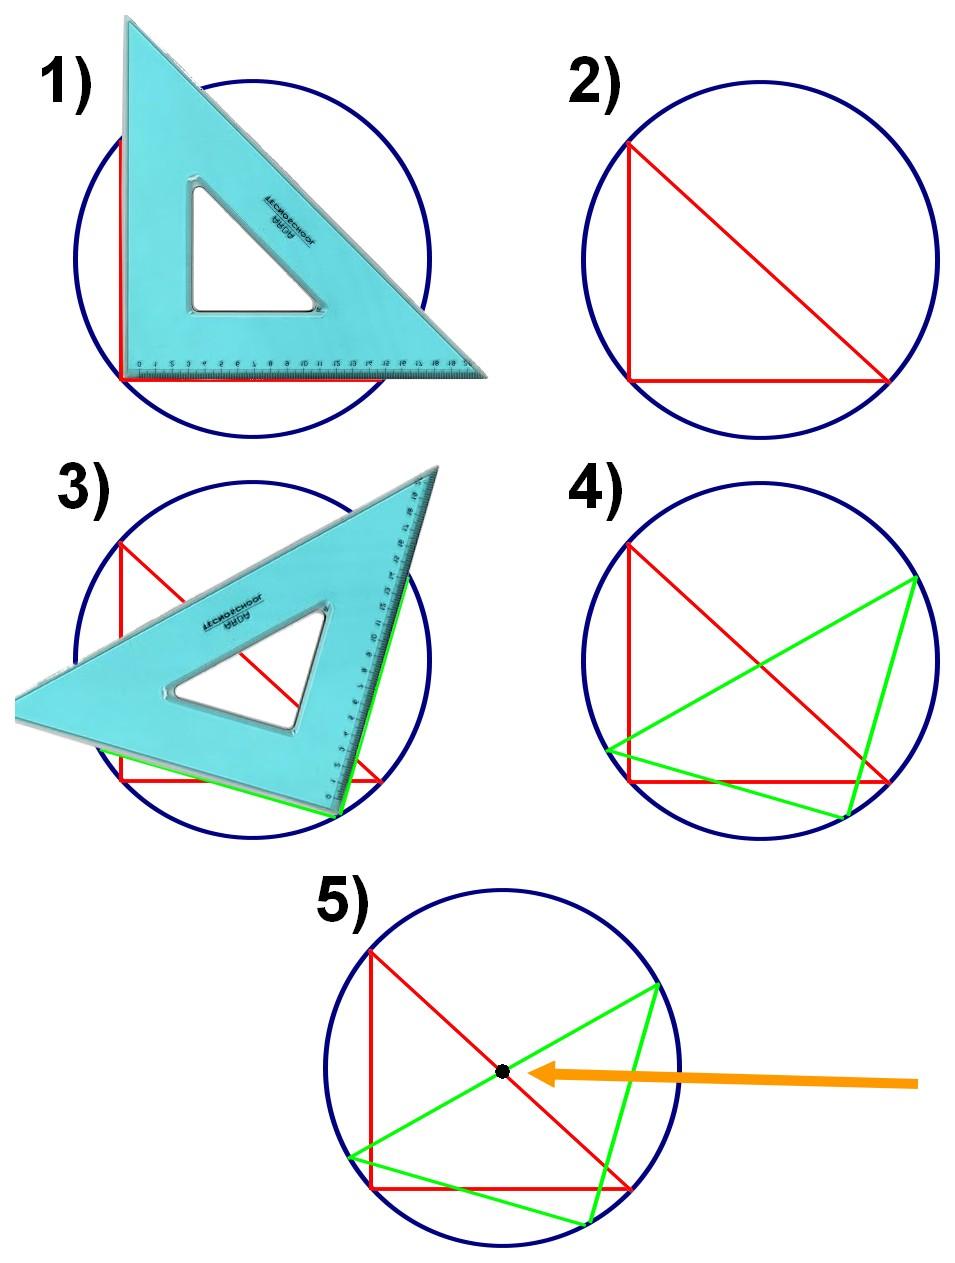 Figura 11: come si trova il centro di un cerchio utilizzando una squadra a 90°